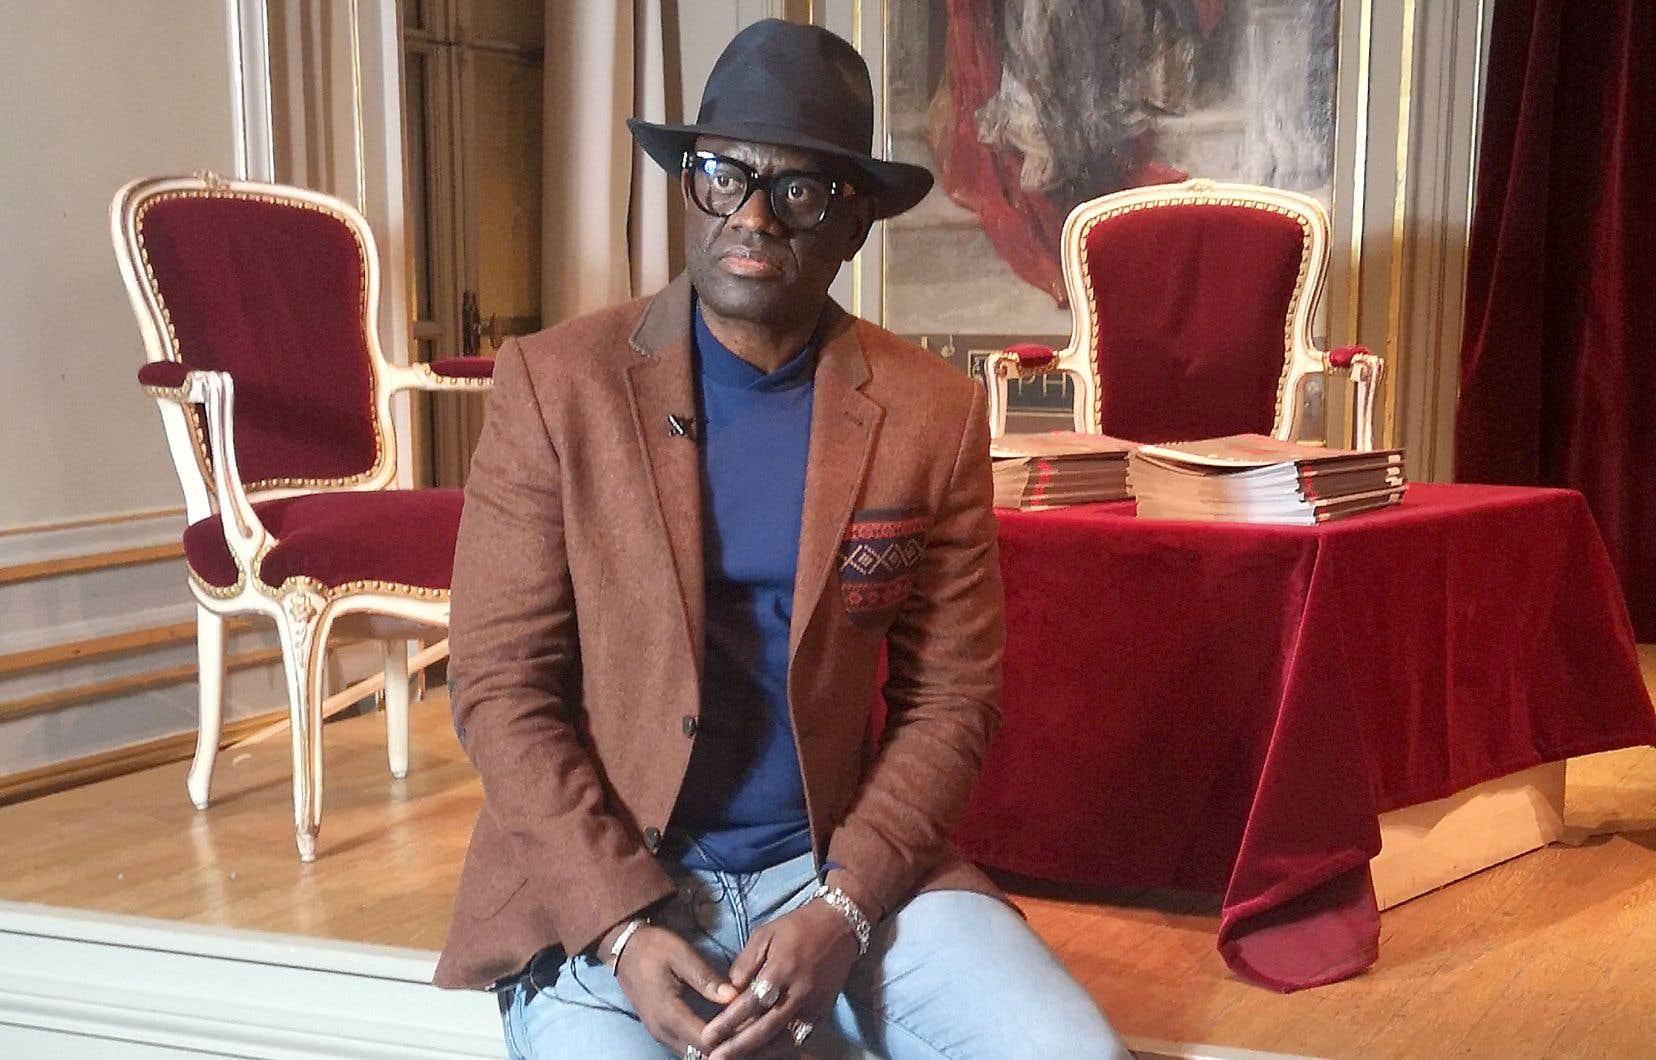 Aux yeux de l'écrivain Alain Mabanckou, la Francophonie est depuis trop longtemps complaisante envers les nombreux régimes autocratiques africains.